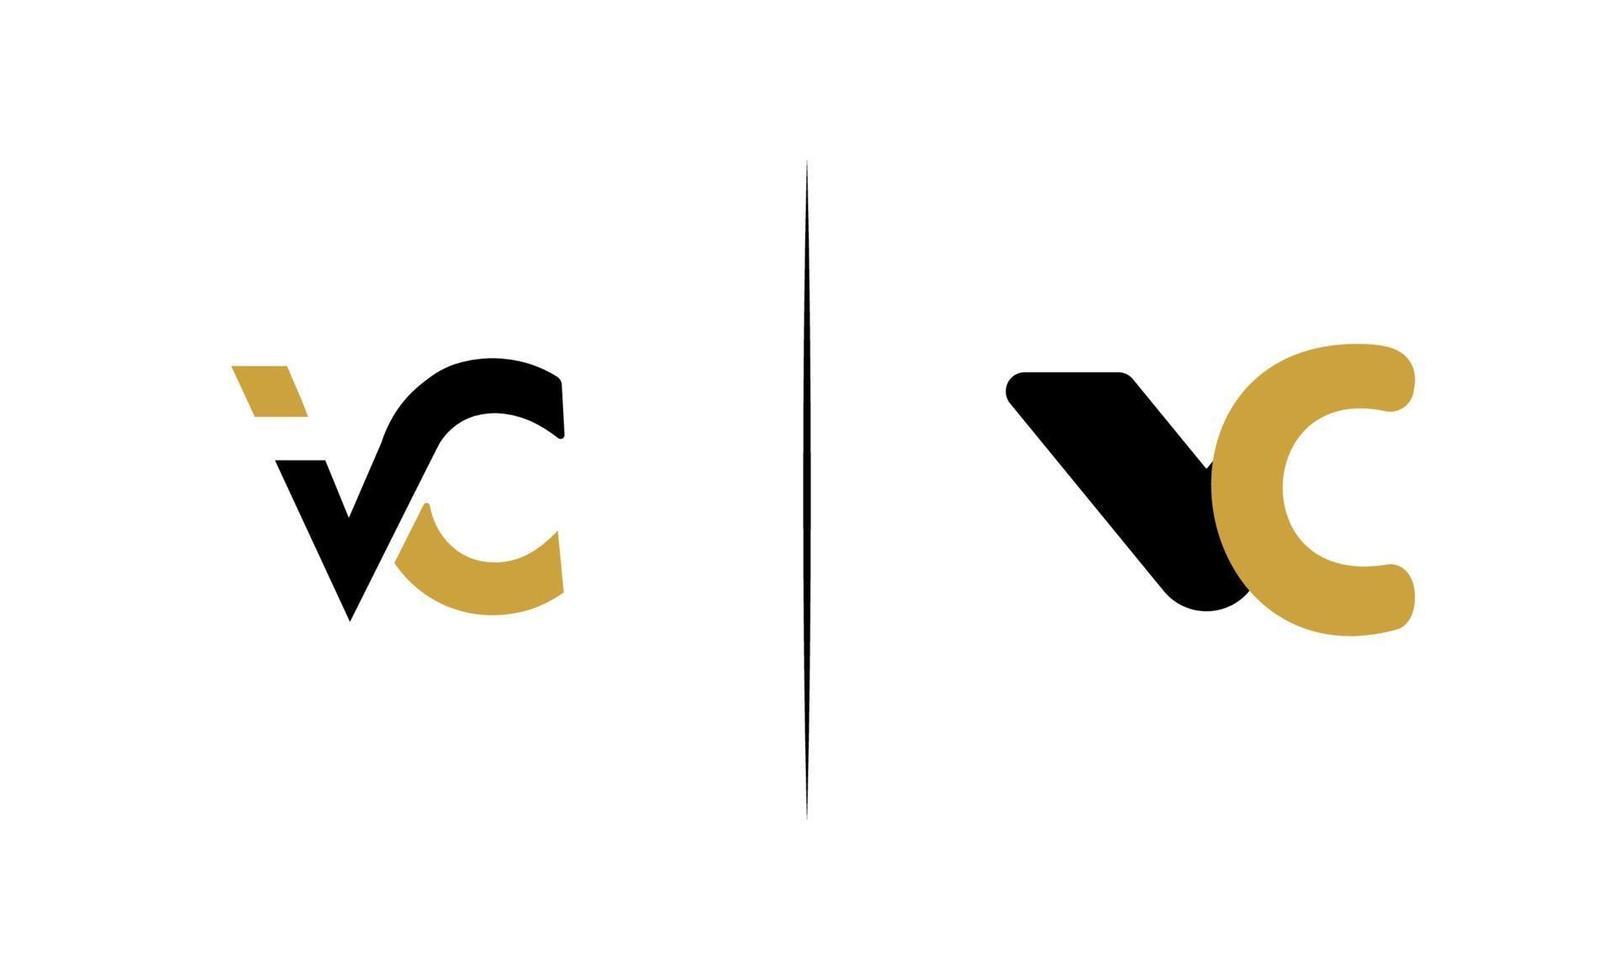 anfänglicher vc Luxus eleganter Logo-Schablonenvektor vektor